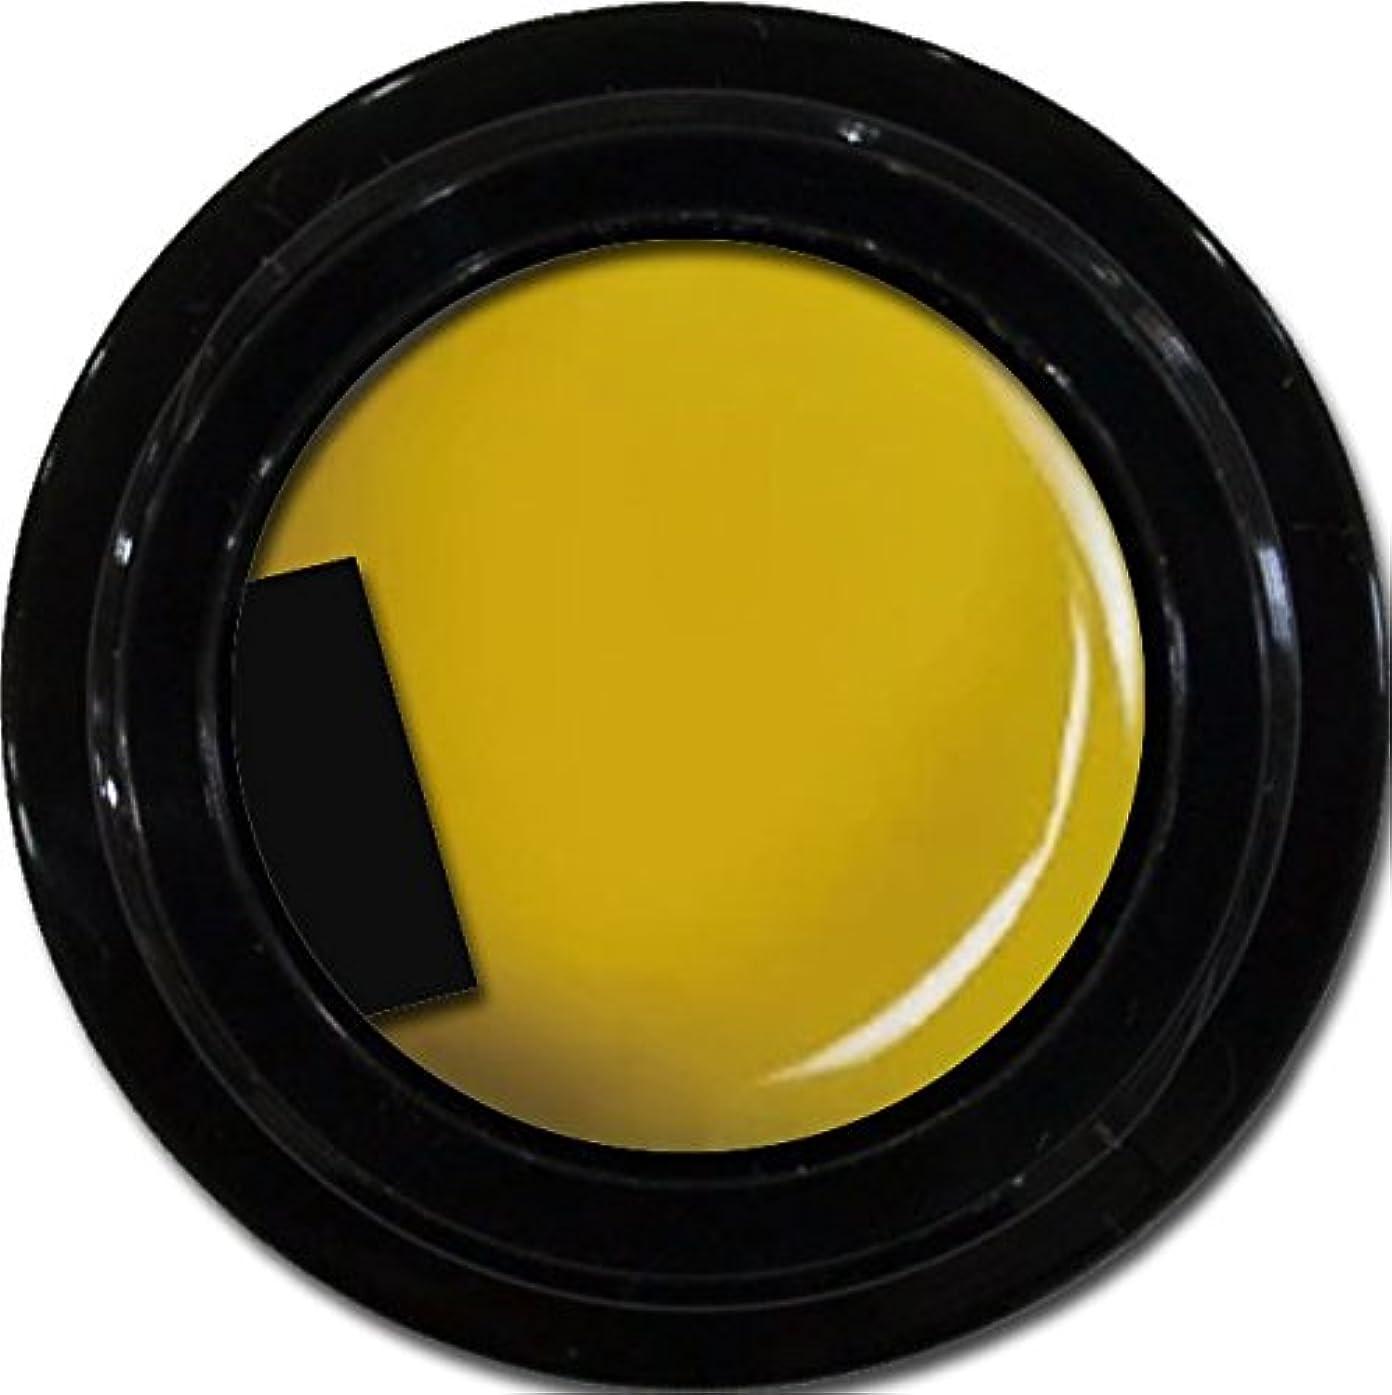 ウォーターフロントテンポ一過性カラージェル enchant color gel M604 Mustard 3g/ マットカラージェル M604 マスタード 3グラム